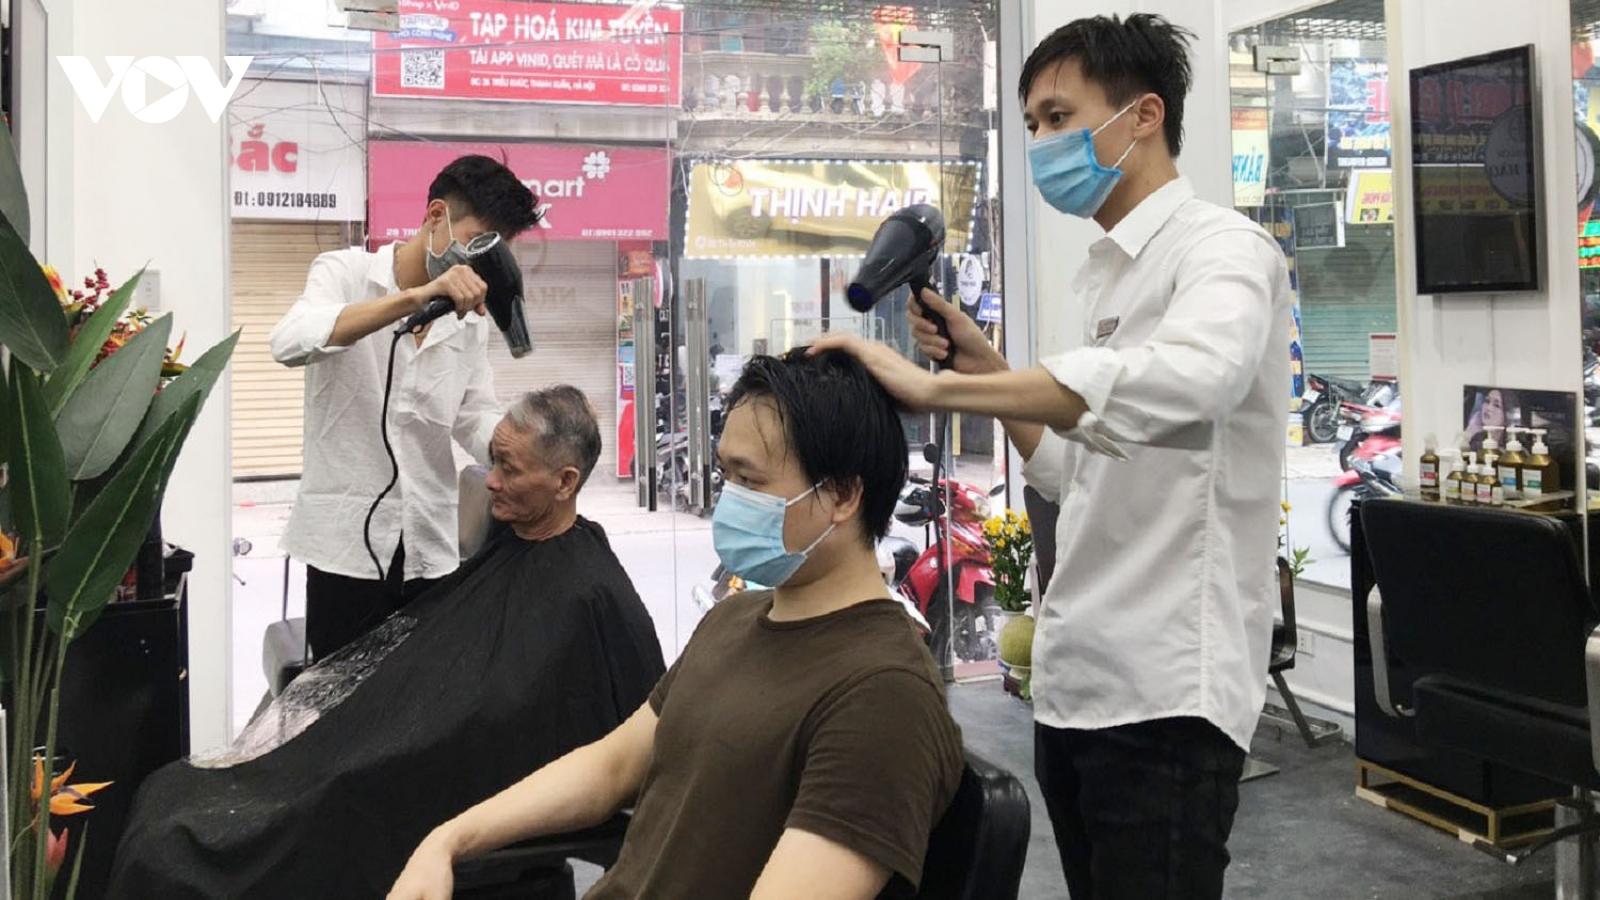 Tiệm cắt tóc ở Hà Nội tất bật mở cửa trở lại sau 2 tháng